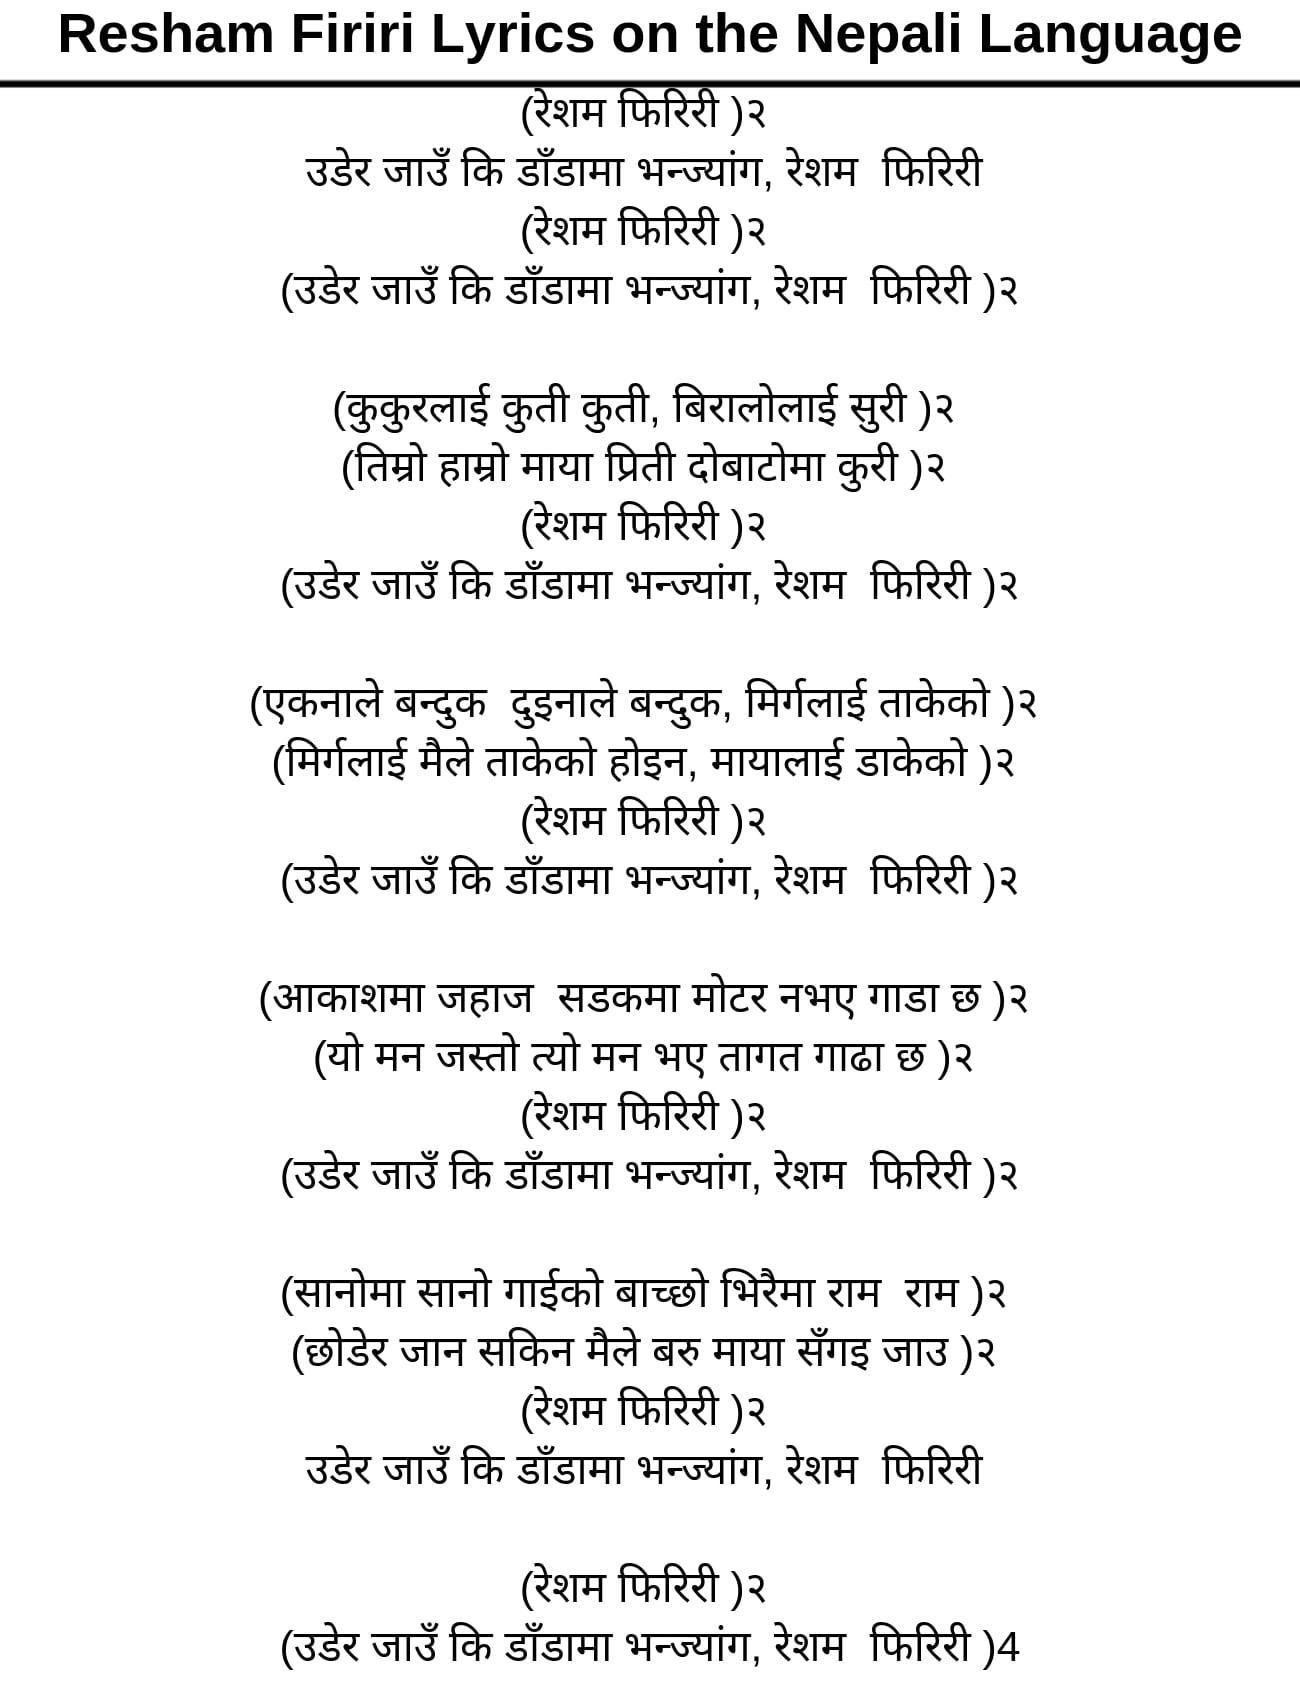 Resham Firiri Lyrics on the Nepali Language